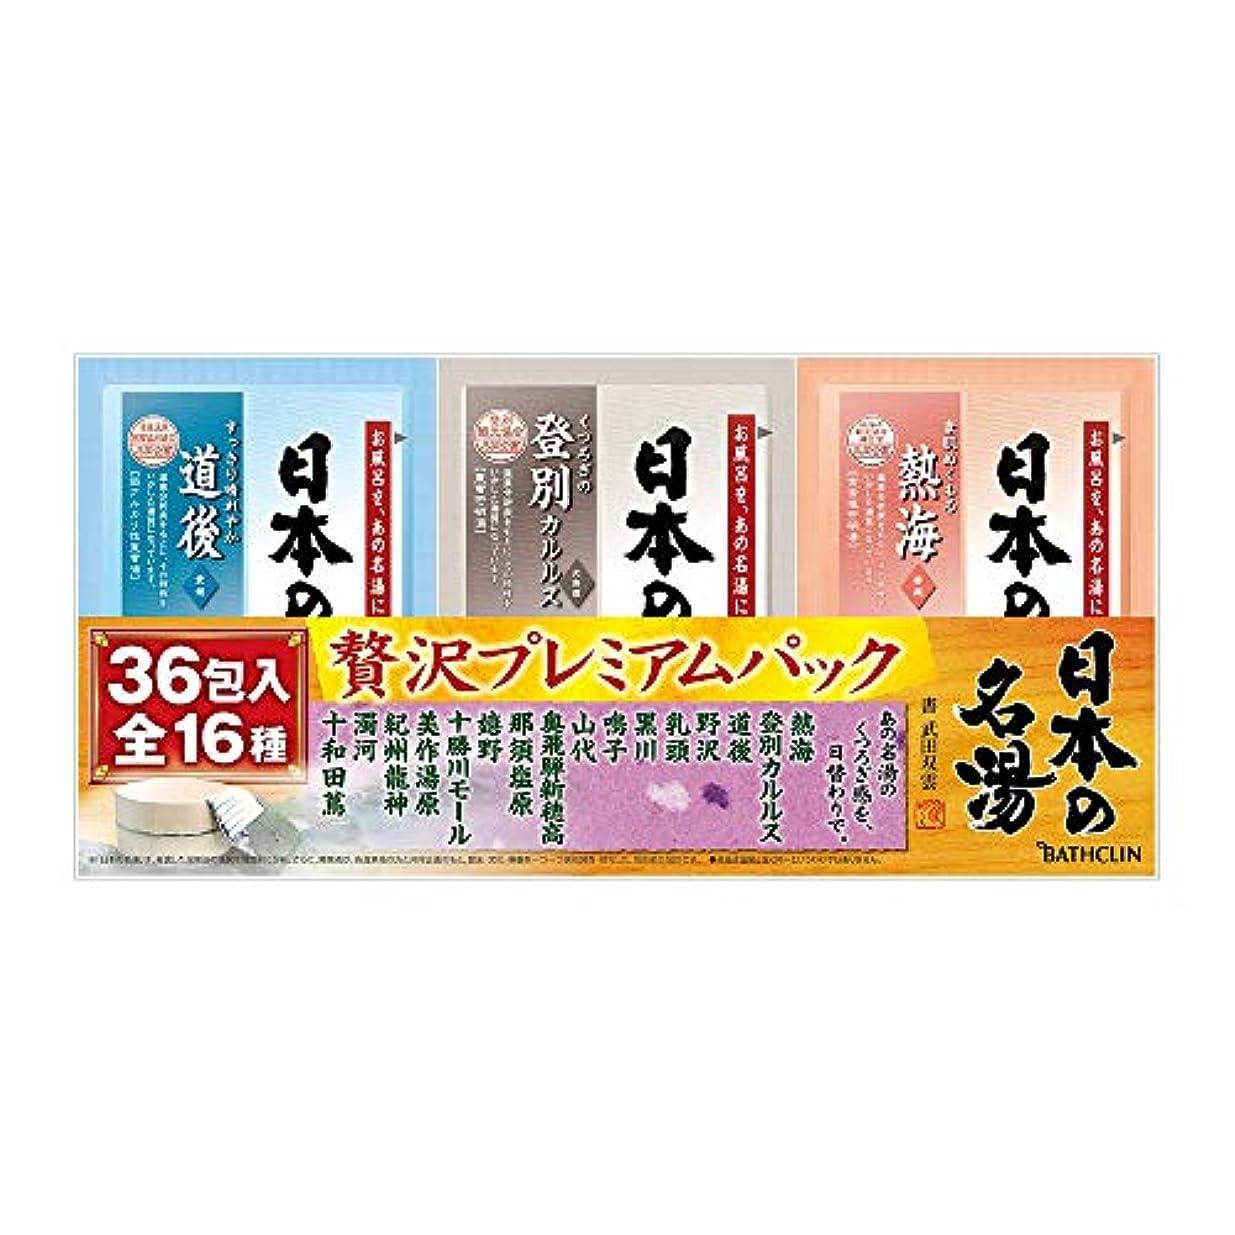 雇う悪性堤防【医薬部外品/大容量】日本の名湯入浴剤 贅沢プレミアムパック36包入 個包装 詰め合わせ 温泉タイプ